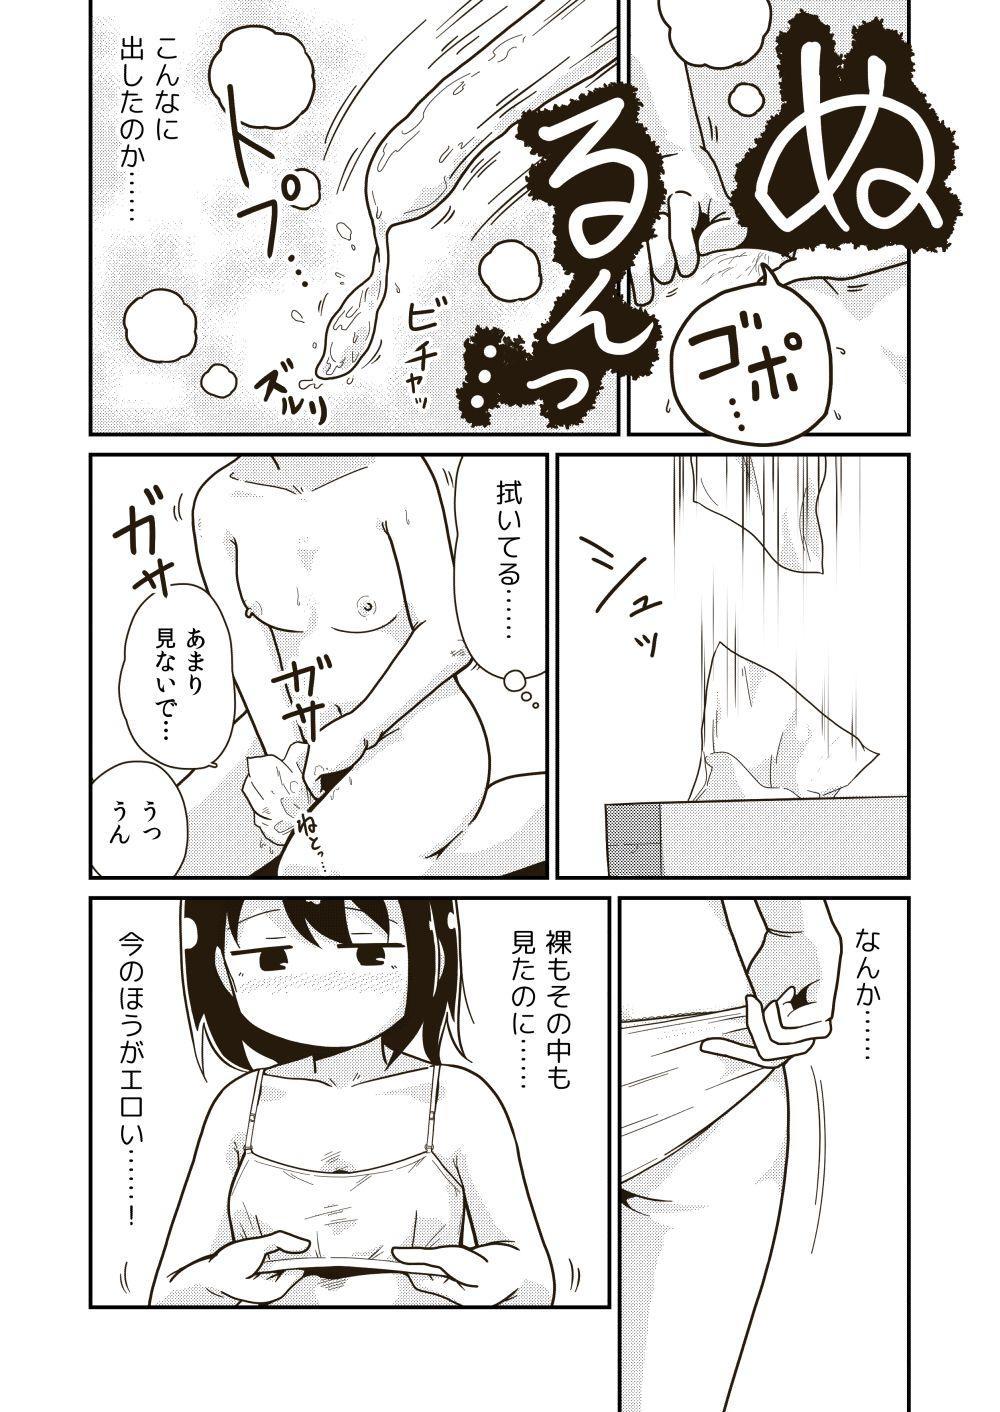 Futari no Hajimete 21